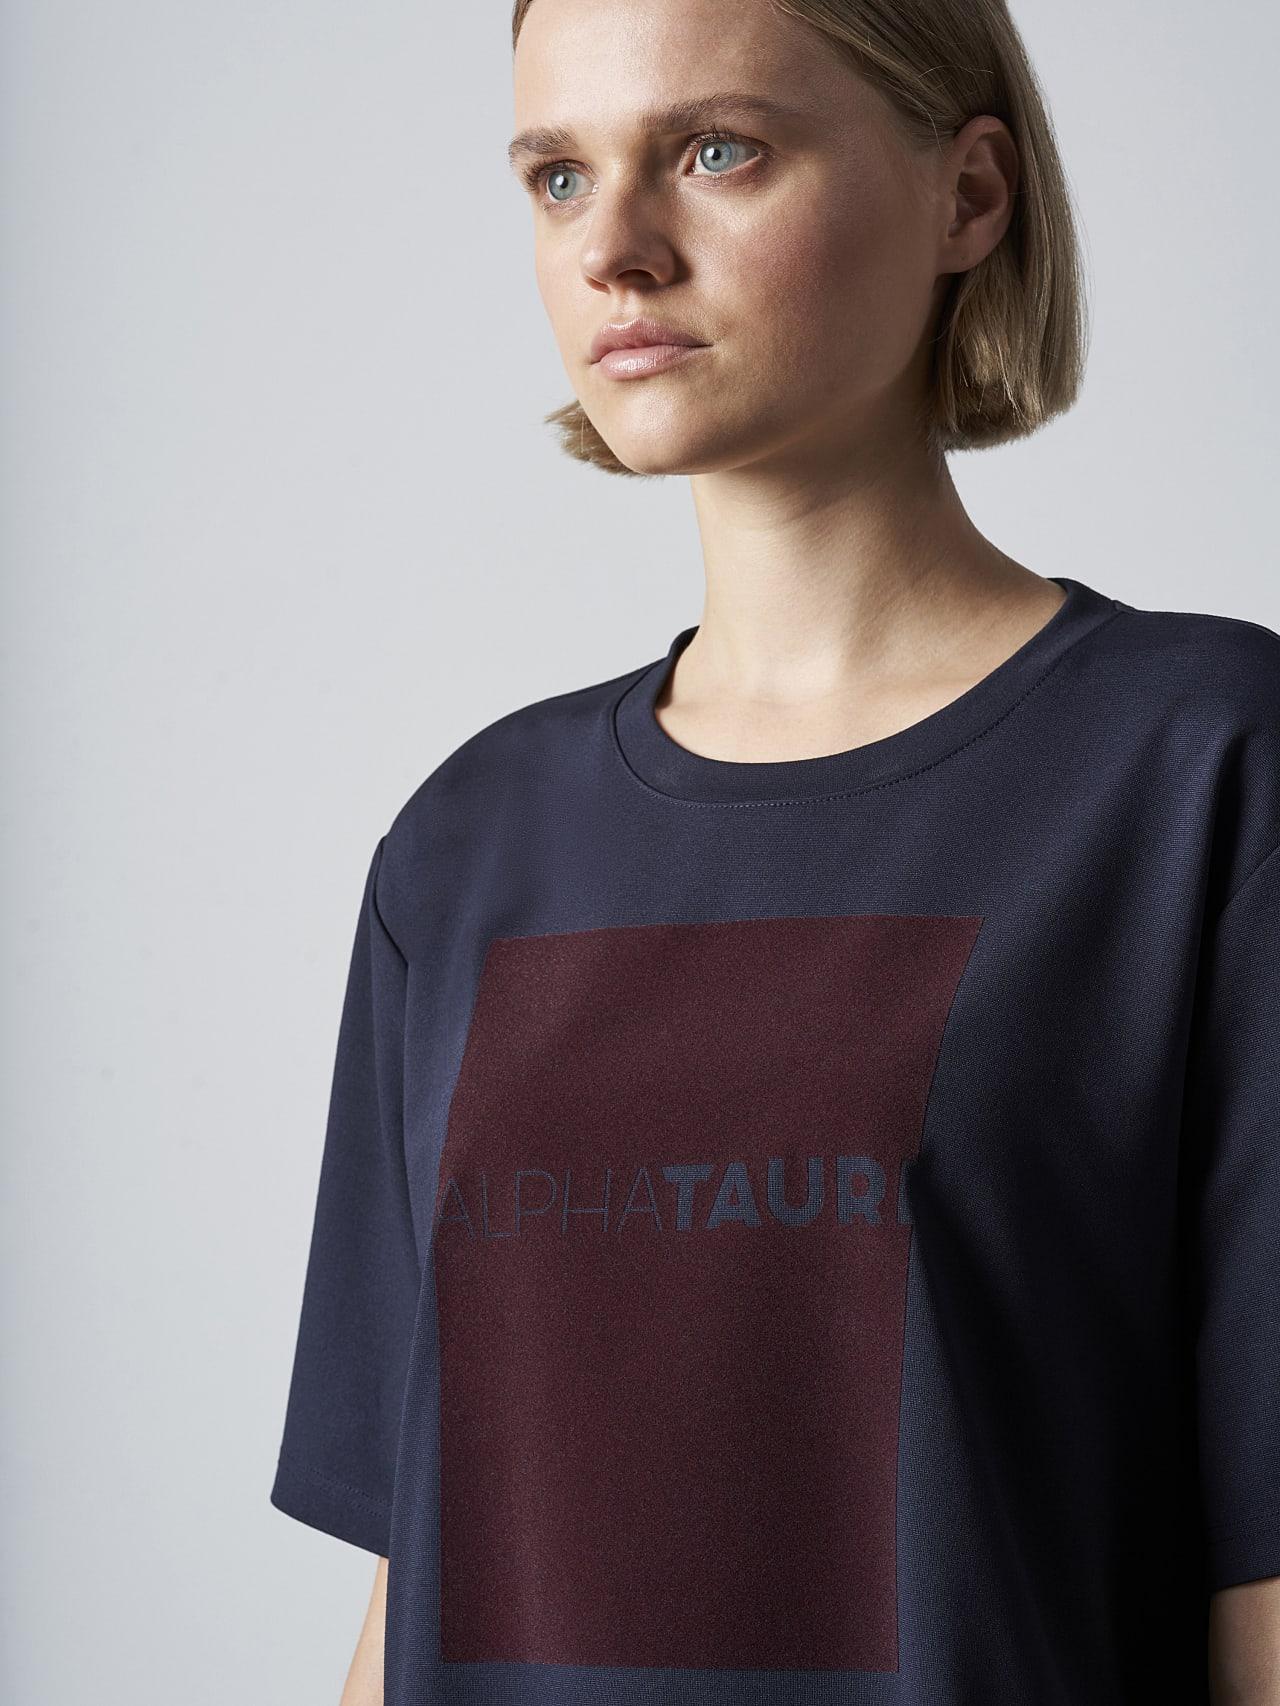 JASHU V1.Y5.02 Heavy-Weight Logo T-Shirt navy Right Alpha Tauri